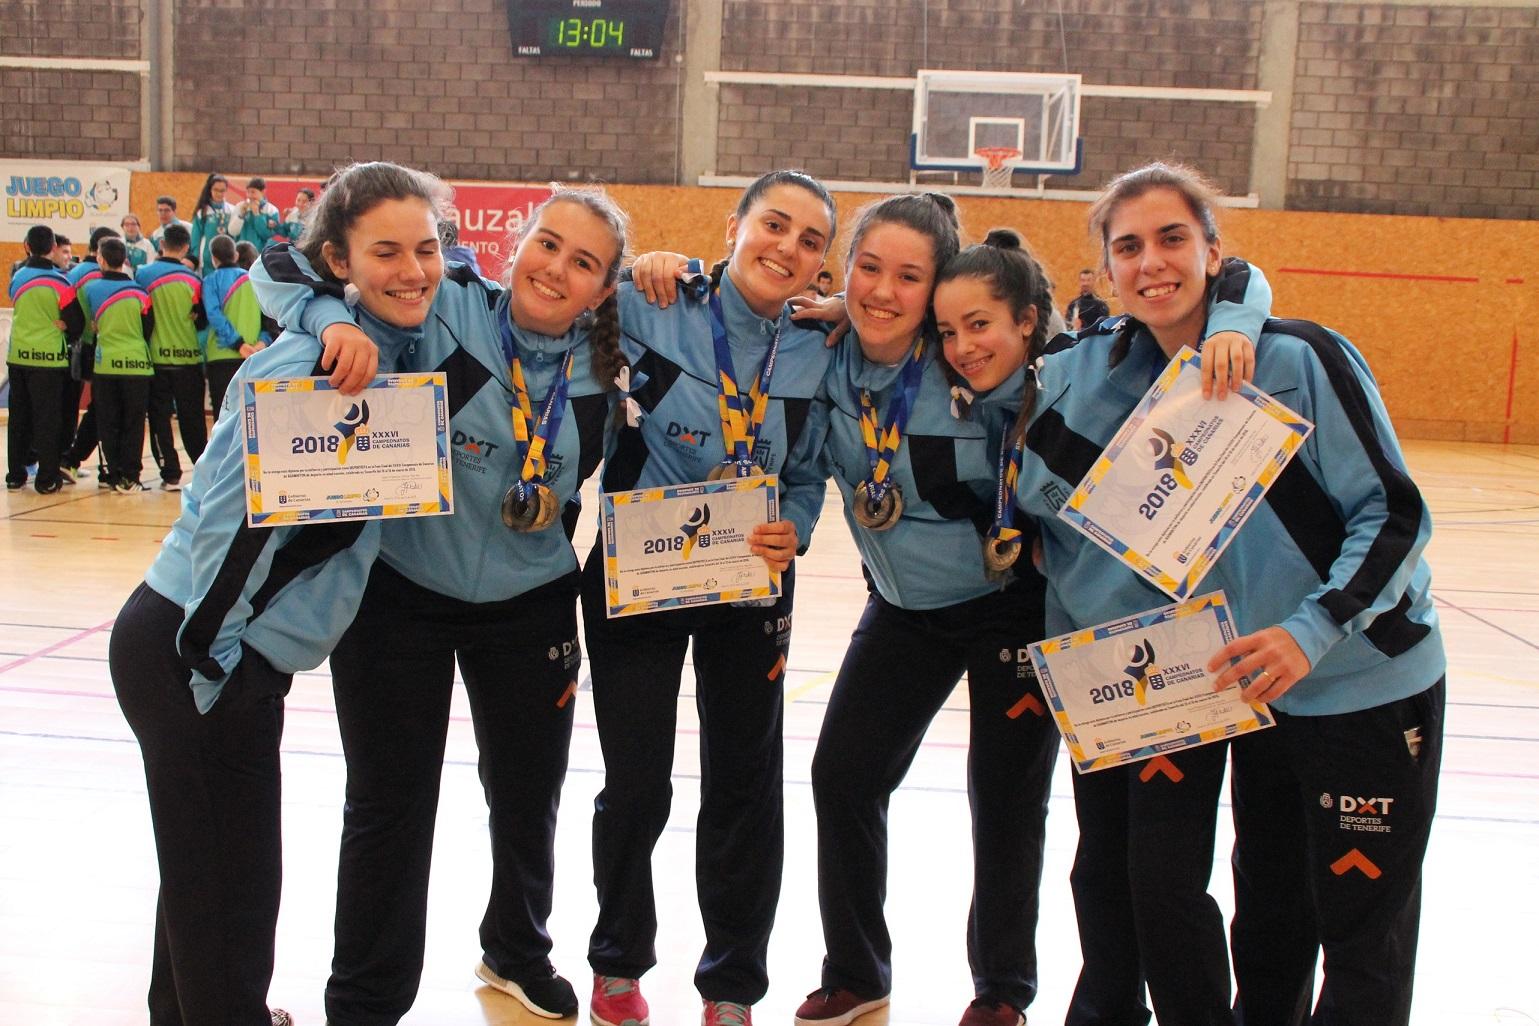 Campeonato Canarias Bádminton 2018 (2) - copia